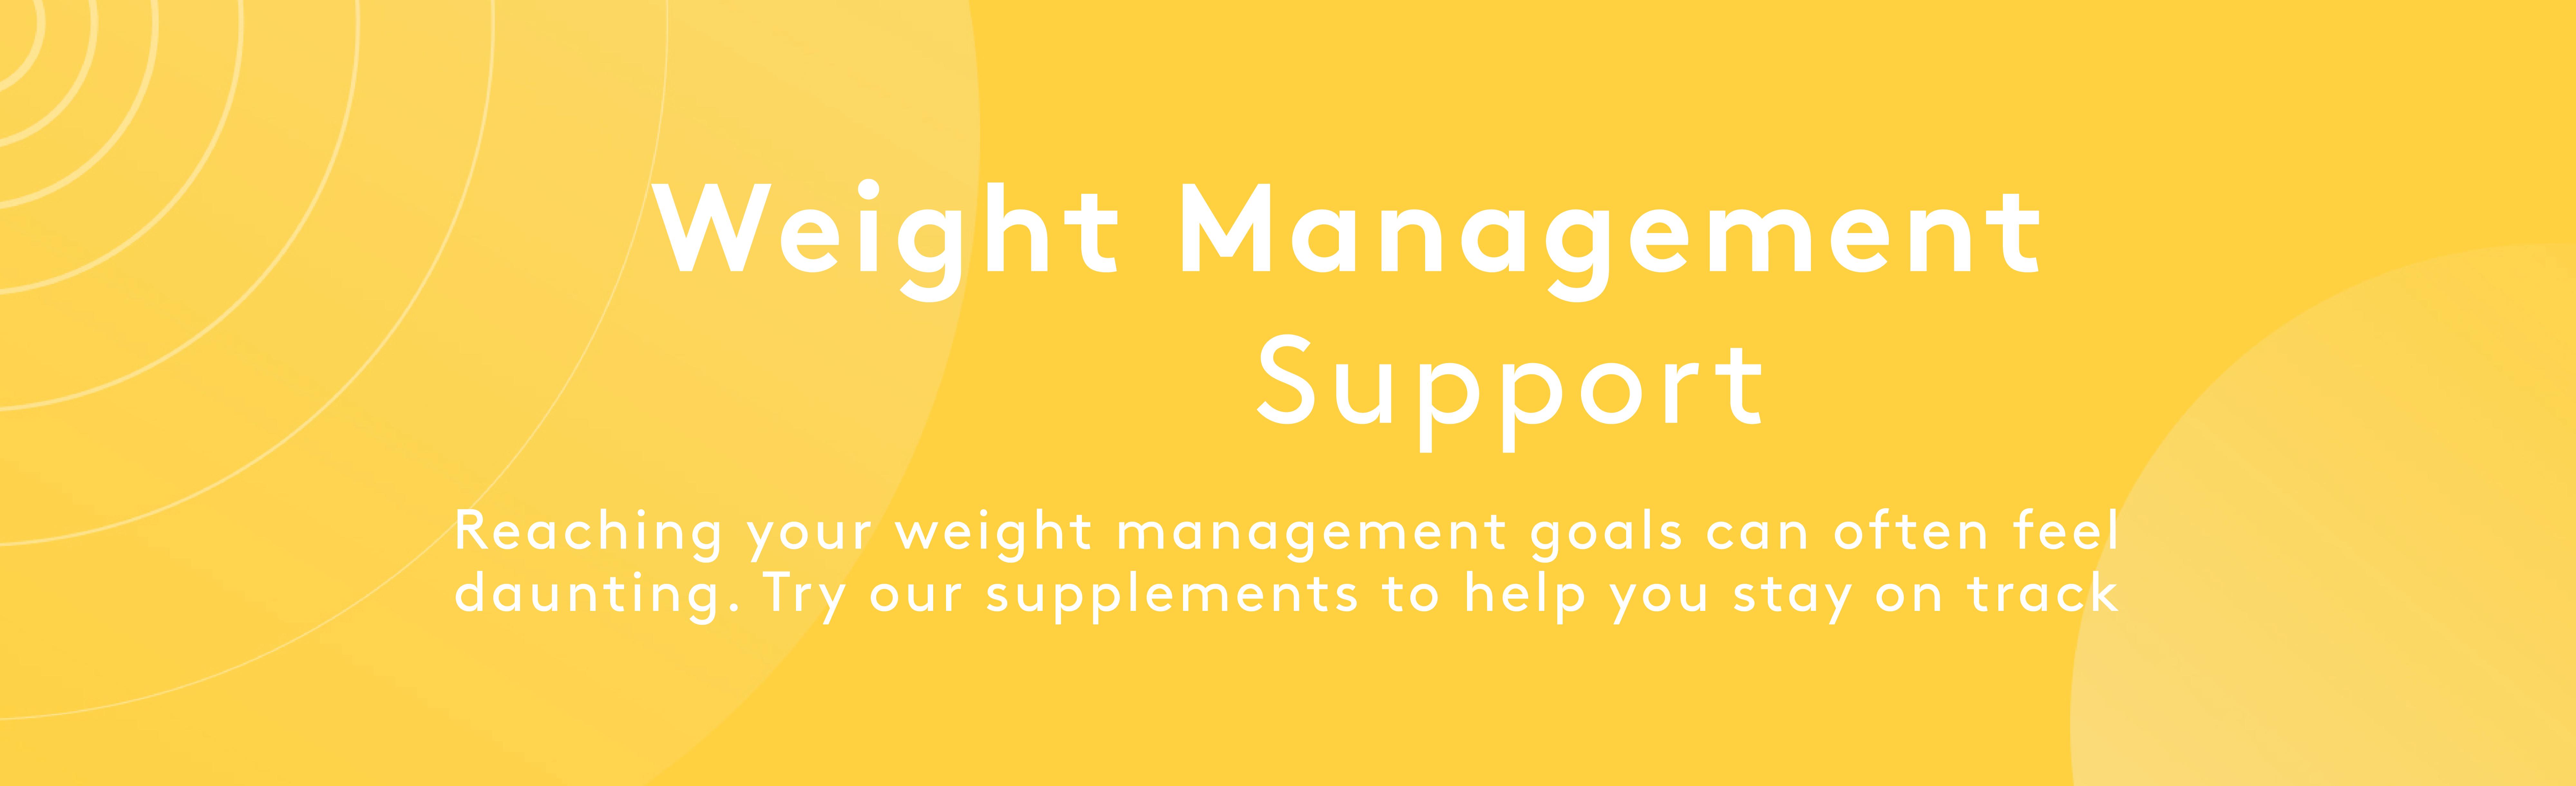 Weight Management | Myvitamins